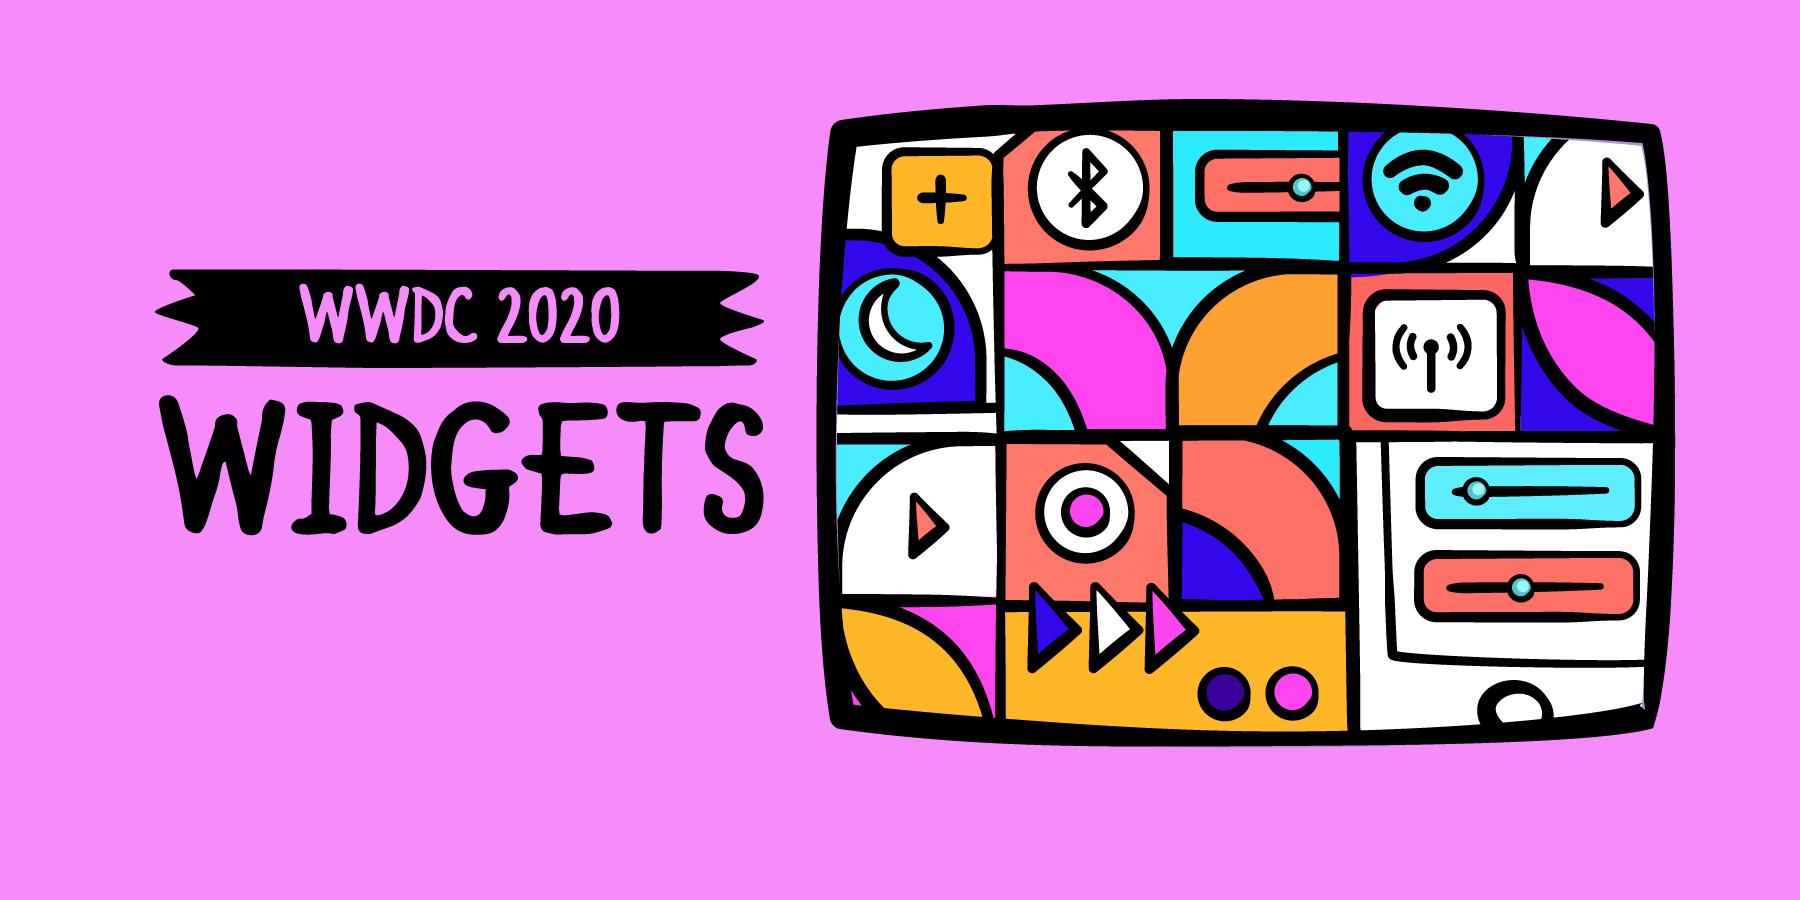 WWDC 2020: Widgets [SUBSCRIBER]